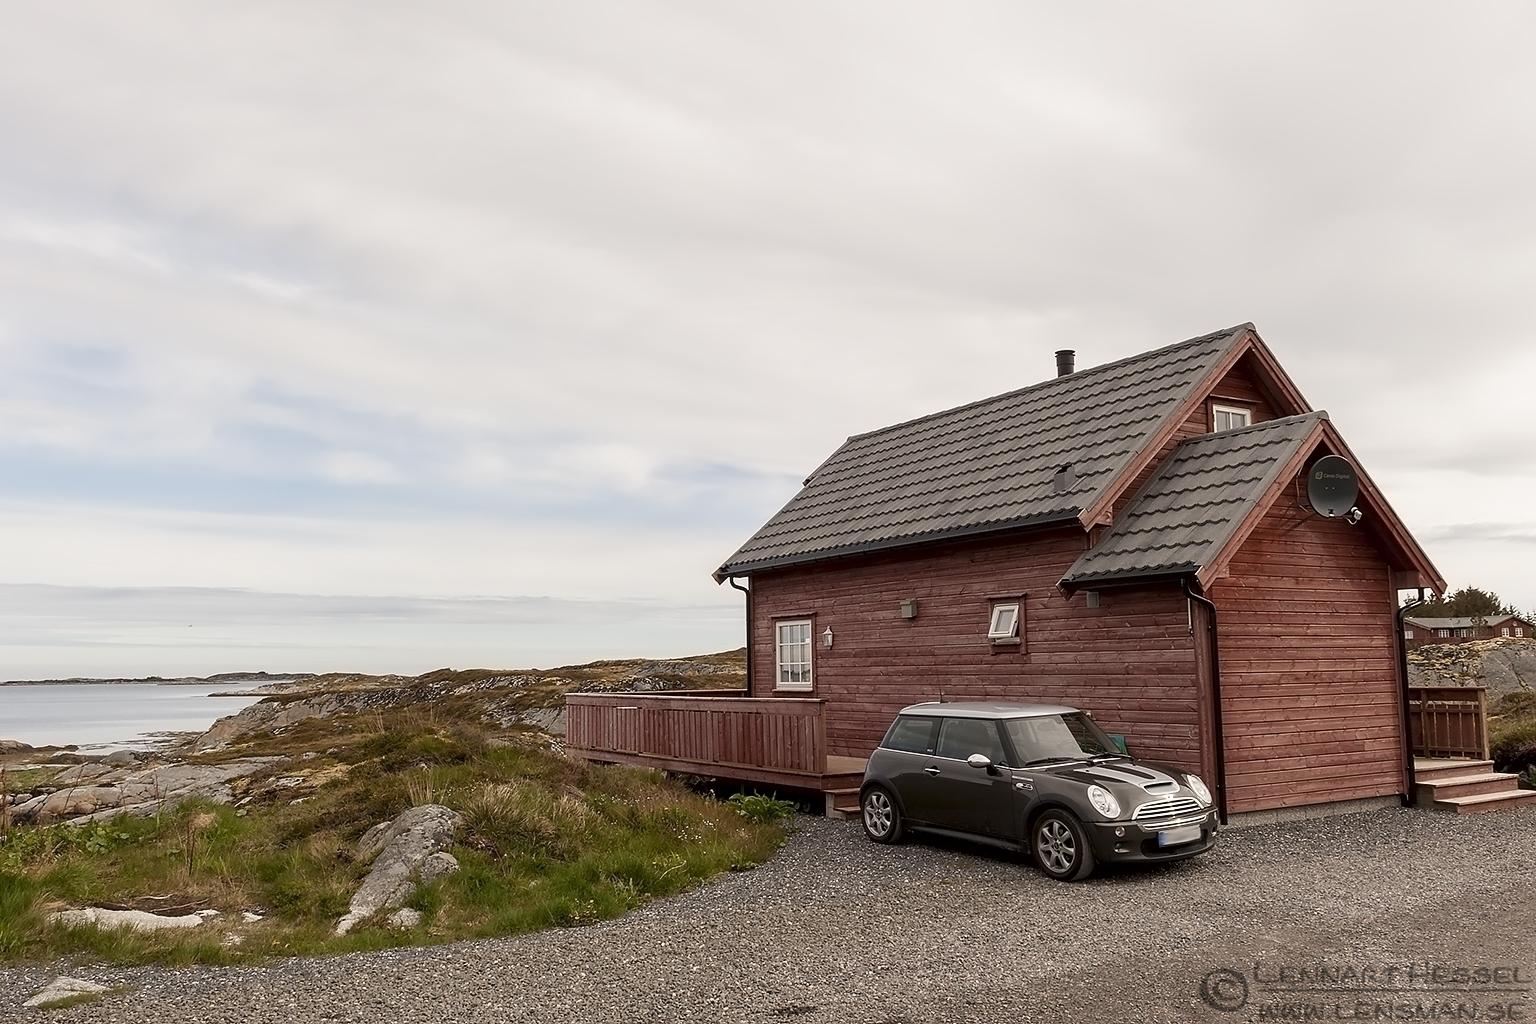 Rorbu Smøla Norway